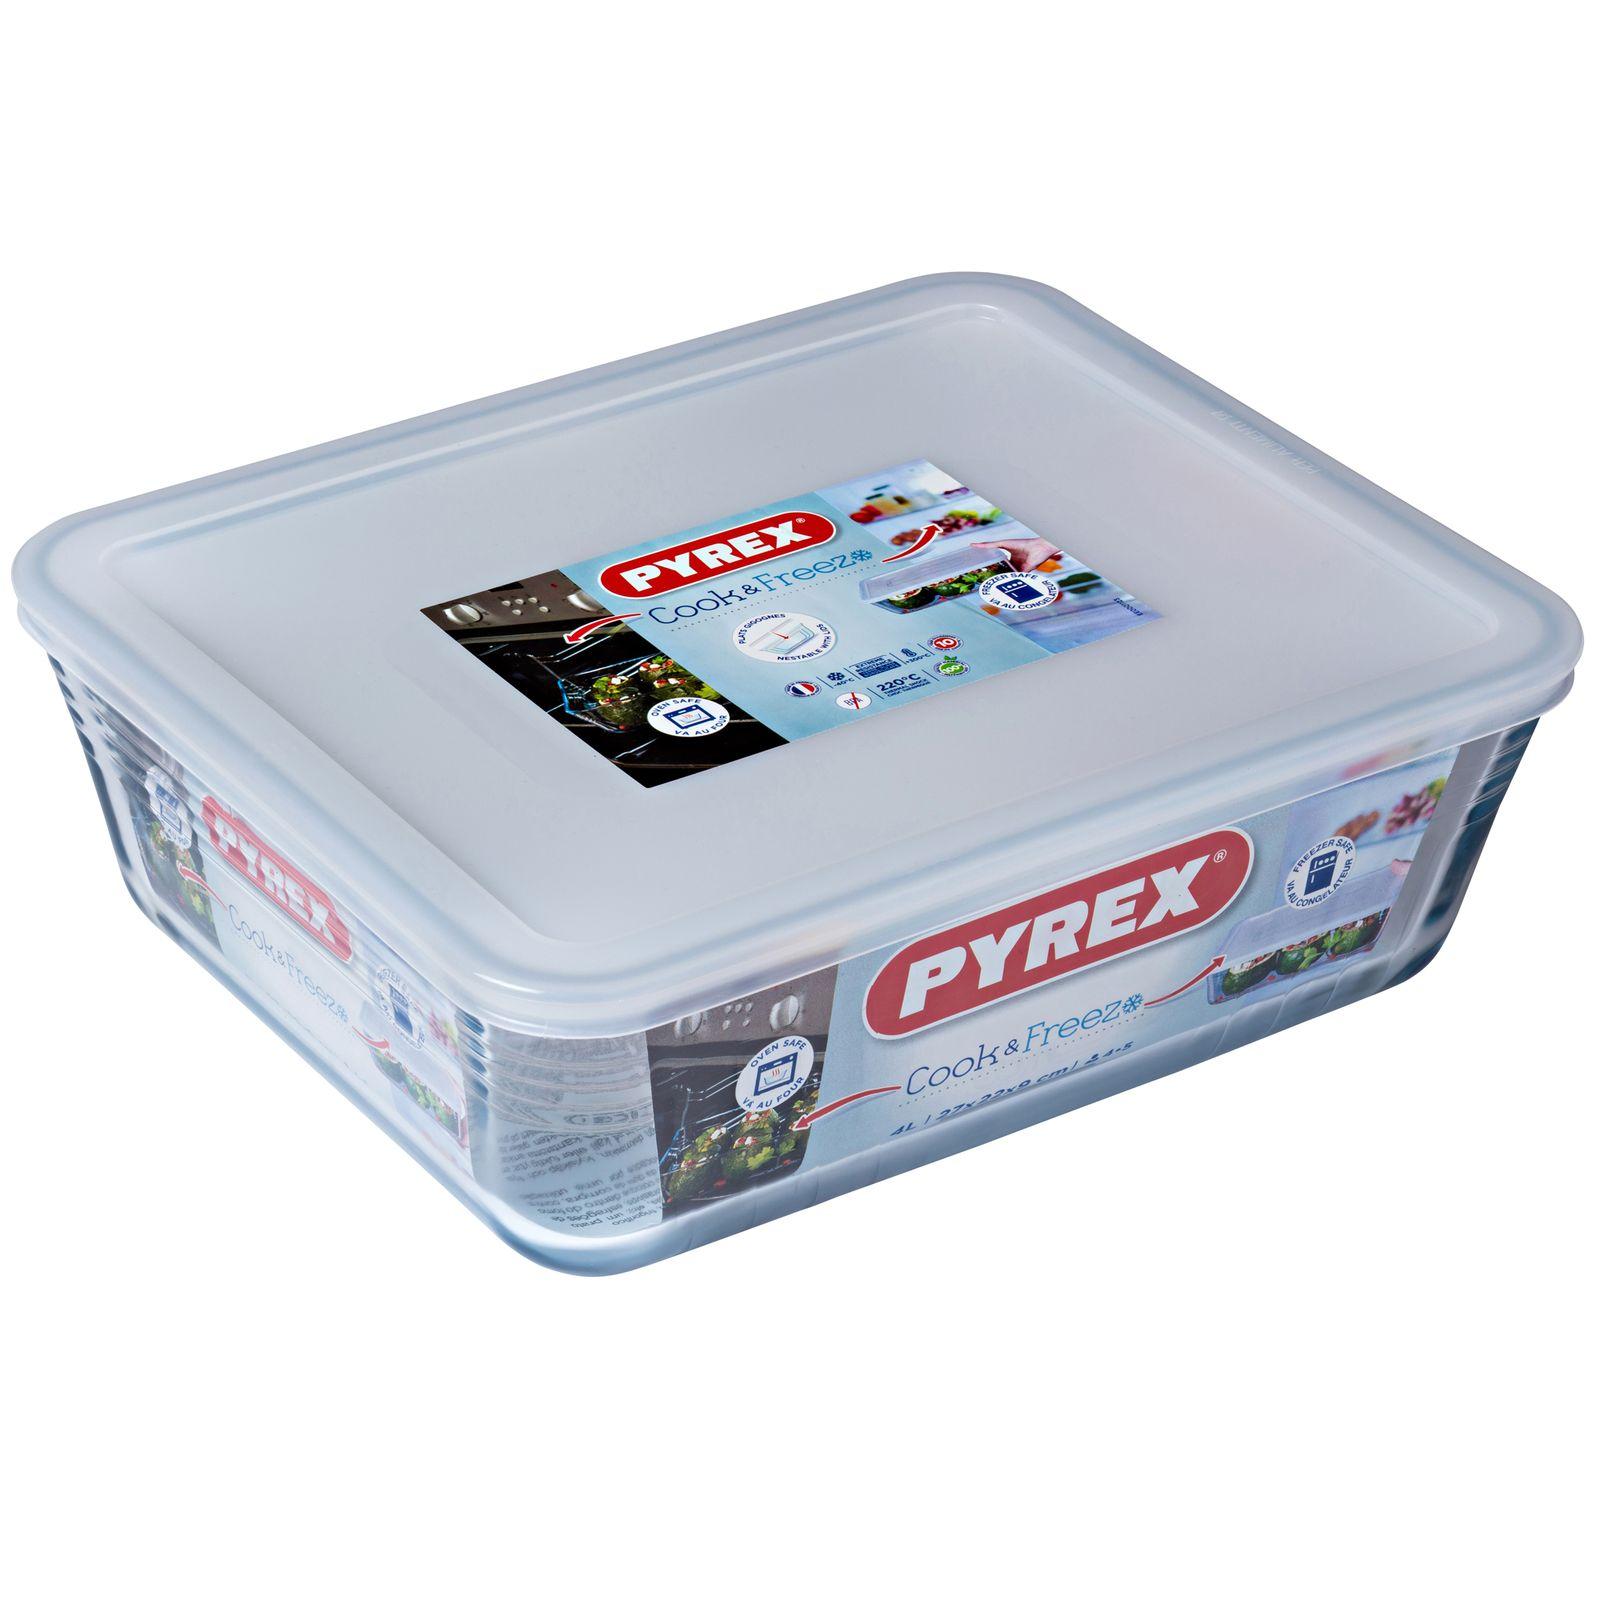 Naczynie żaroodporne z plastikową pokrywką Cook & Freeze  27 x 23 cm 4 l PYREX